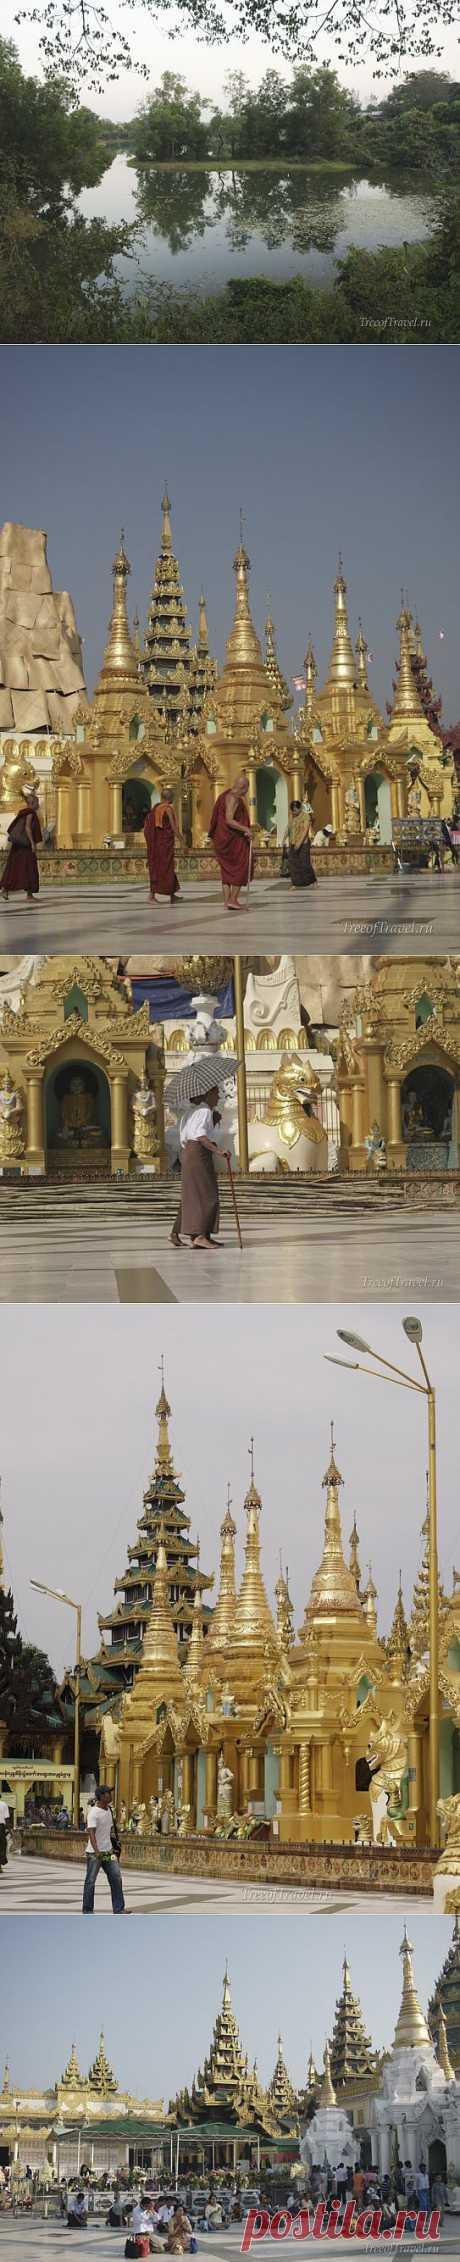 (+1) тема - Янгон - не похожий на столицу | Непутевые заметки